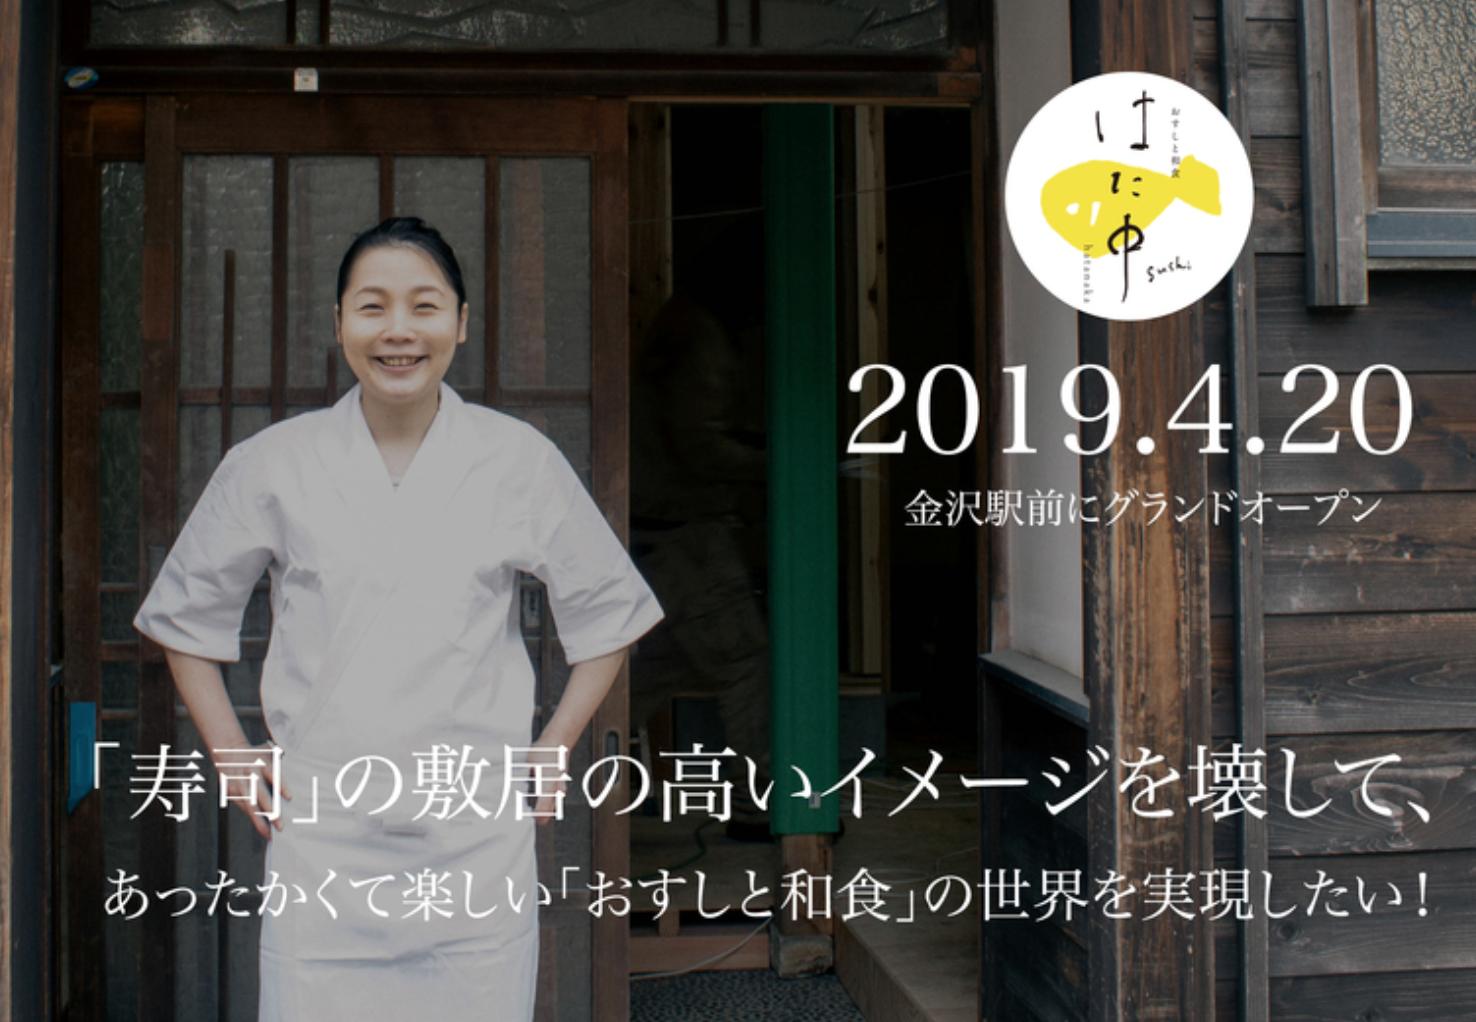 ゲストハウス経営者が「寿司屋」を開業する15の理由